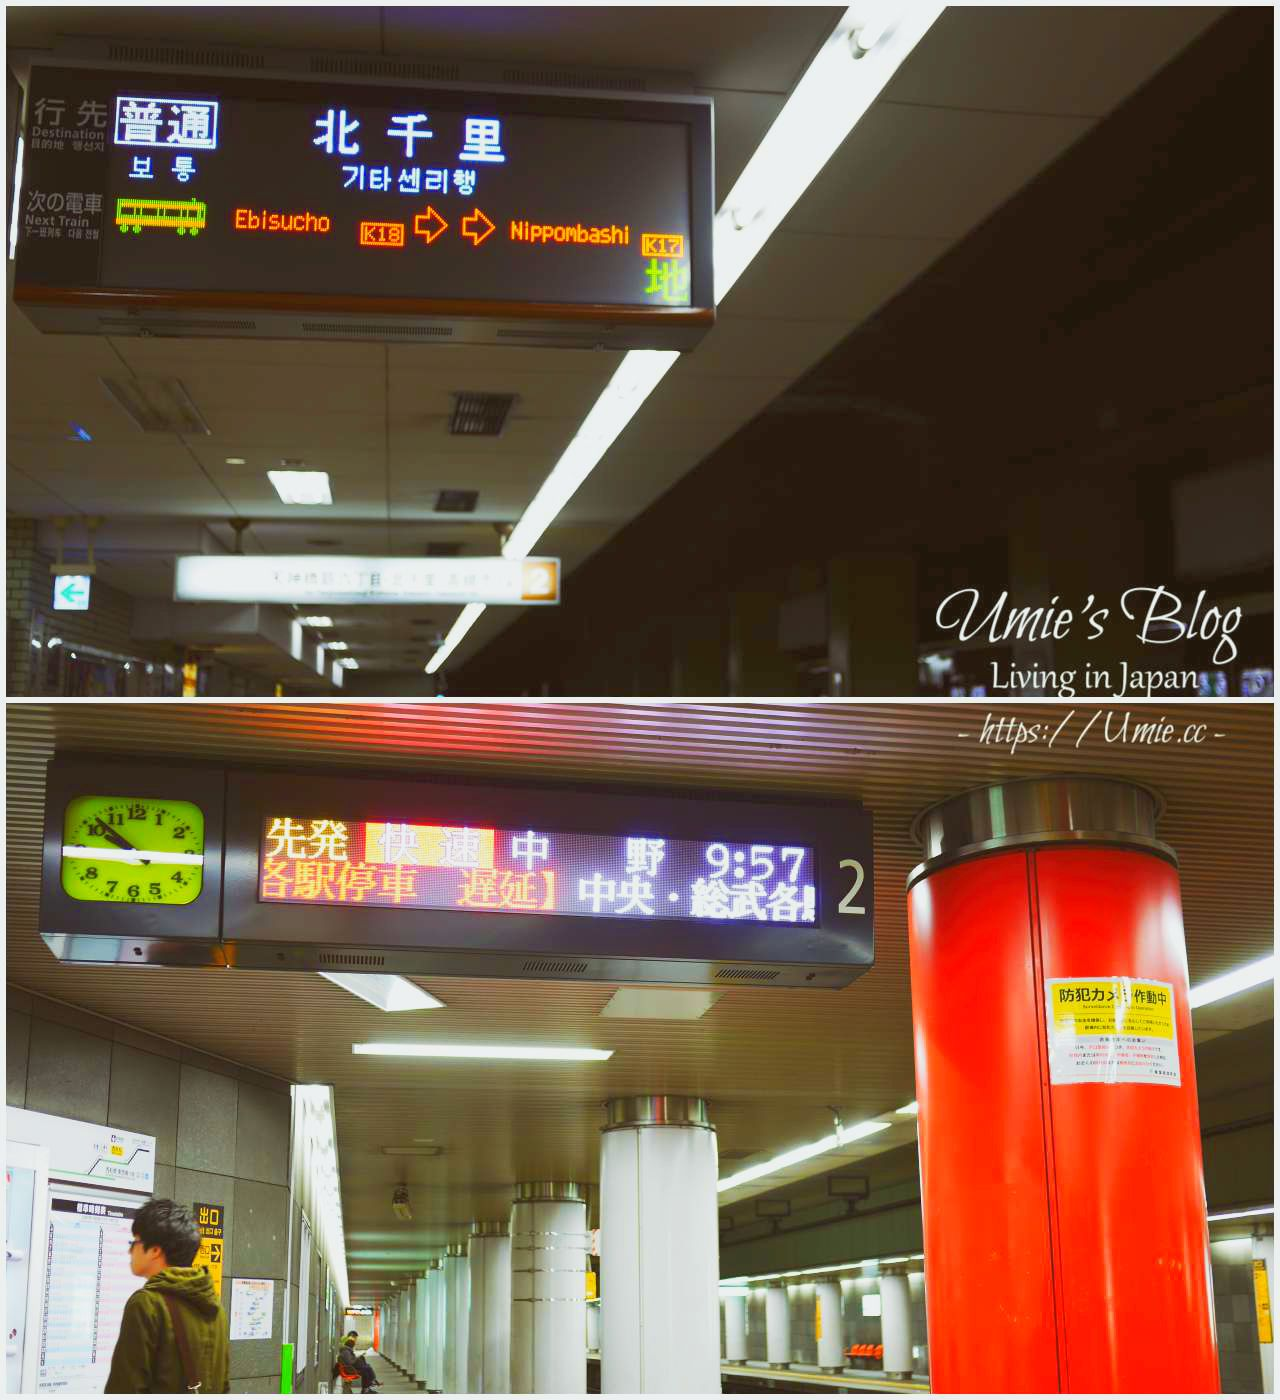 日本電車怎麼搭乘?看完這篇立刻搞懂|日本電車注意事項!怎麼搭乘最便宜划算方便?(關西周遊卡、阪急全線乘車券、日本悠遊卡SUICA、PASMO、ICCOA)